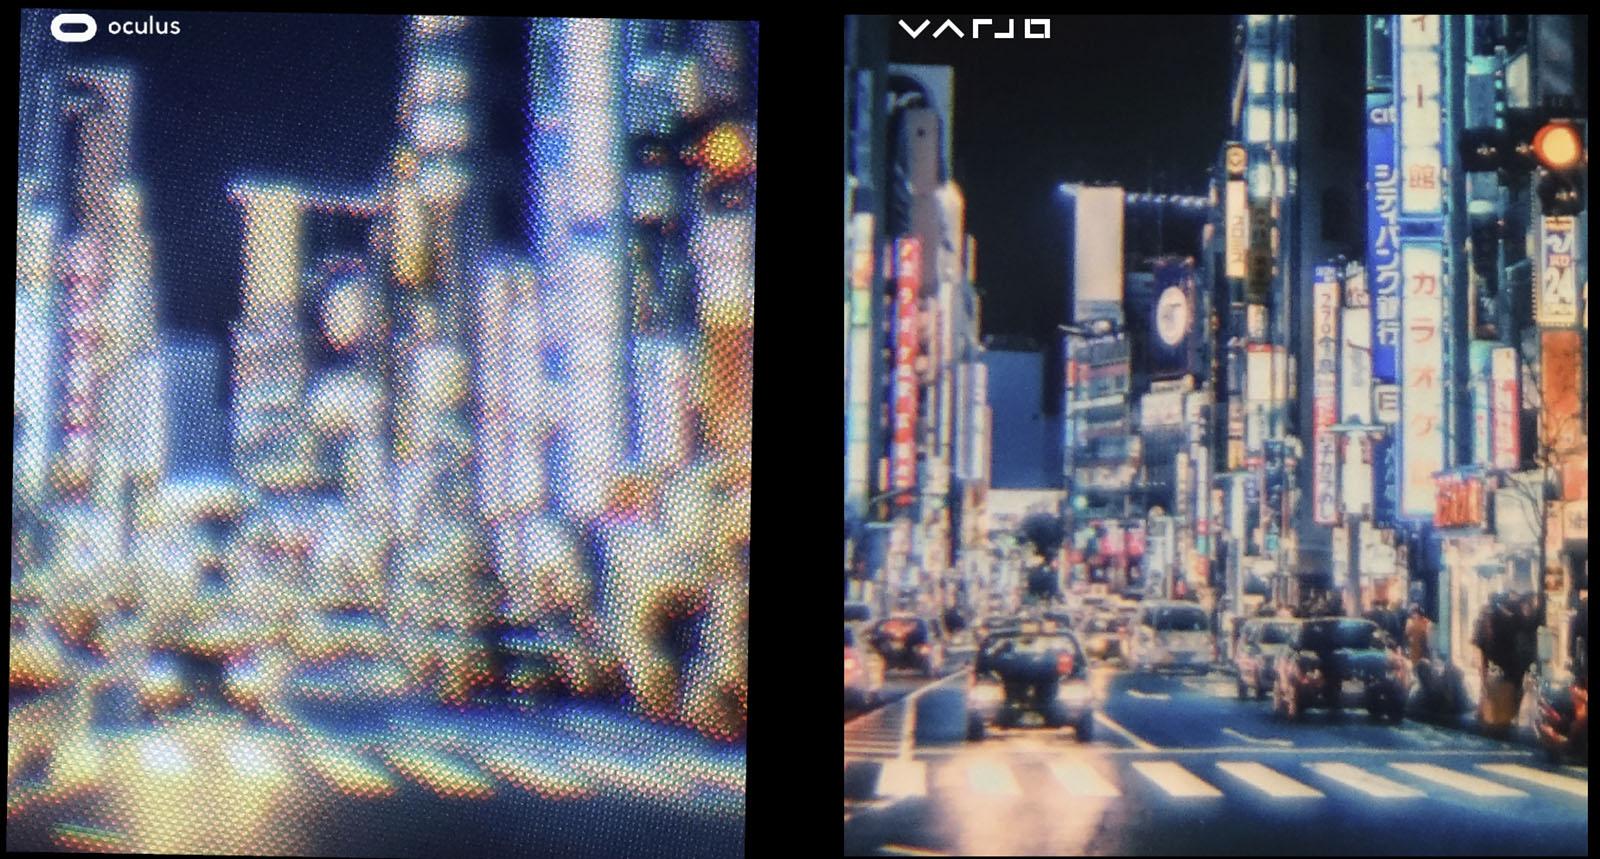 Varjo promete un casco virtual con la resolución del ojo humano